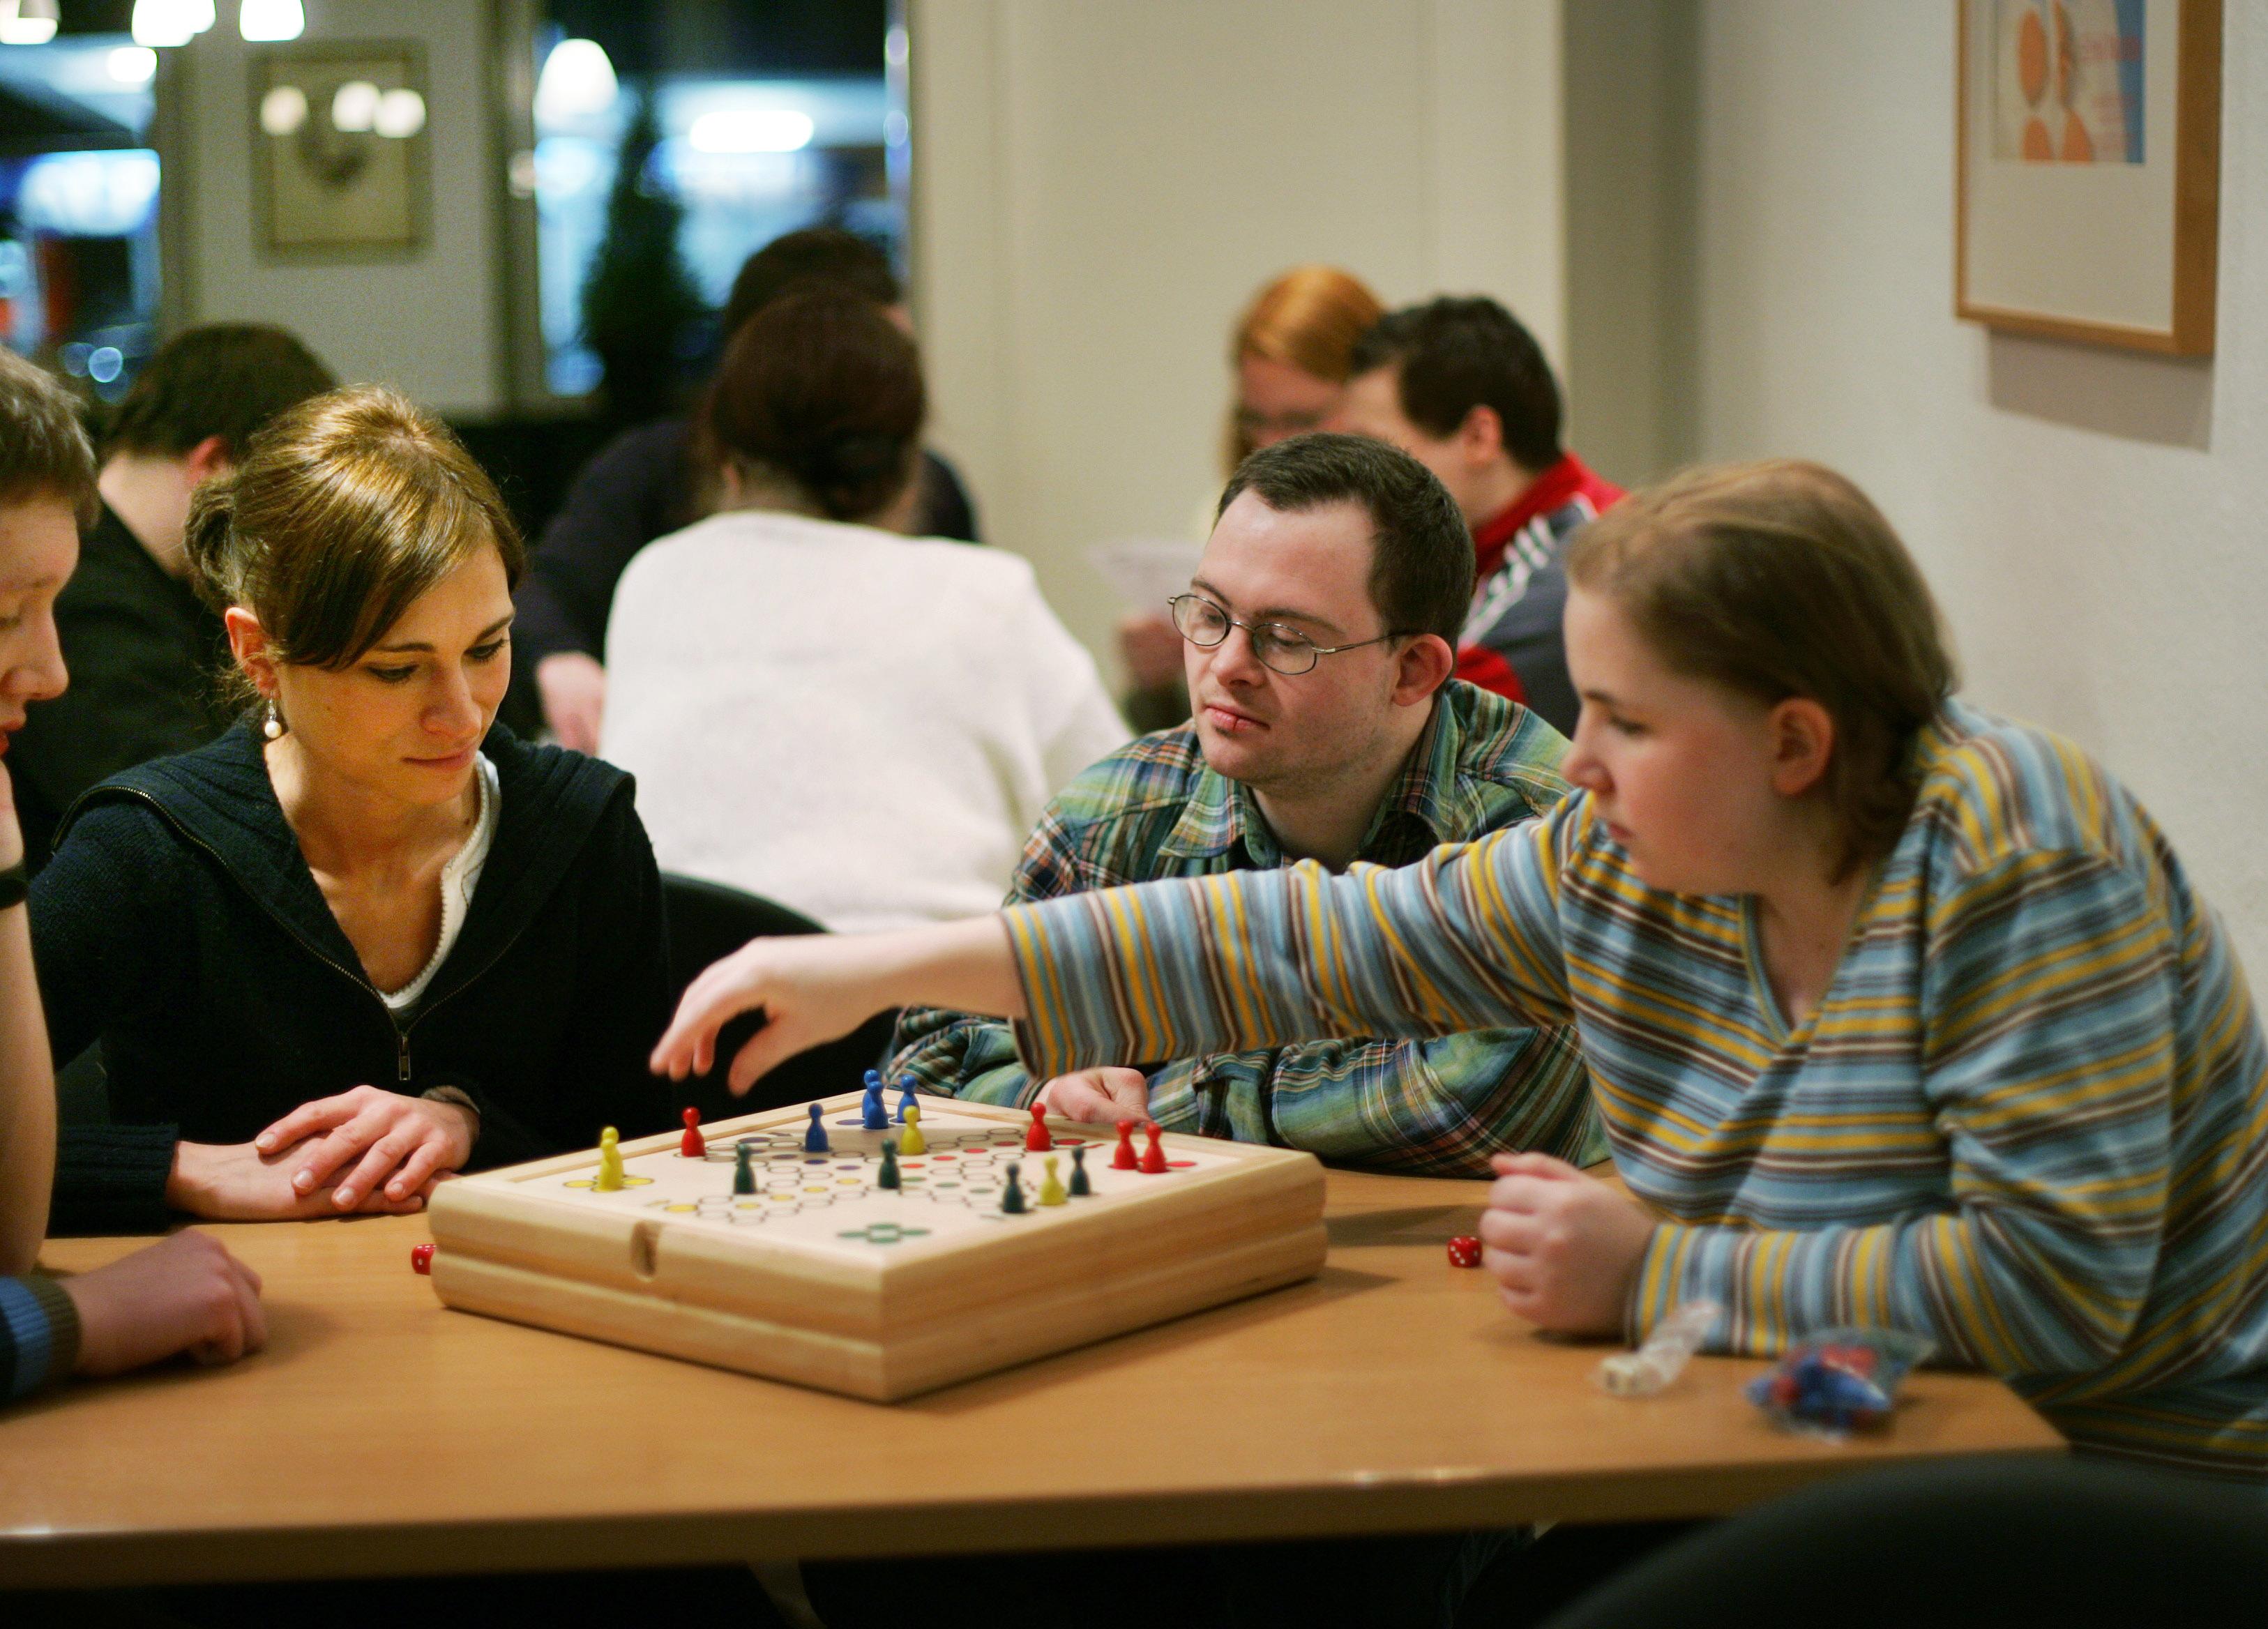 Eine Studentin der Sozialen Arbeit leitet ehrenamtlich eine Spielegruppe für Behinderte.